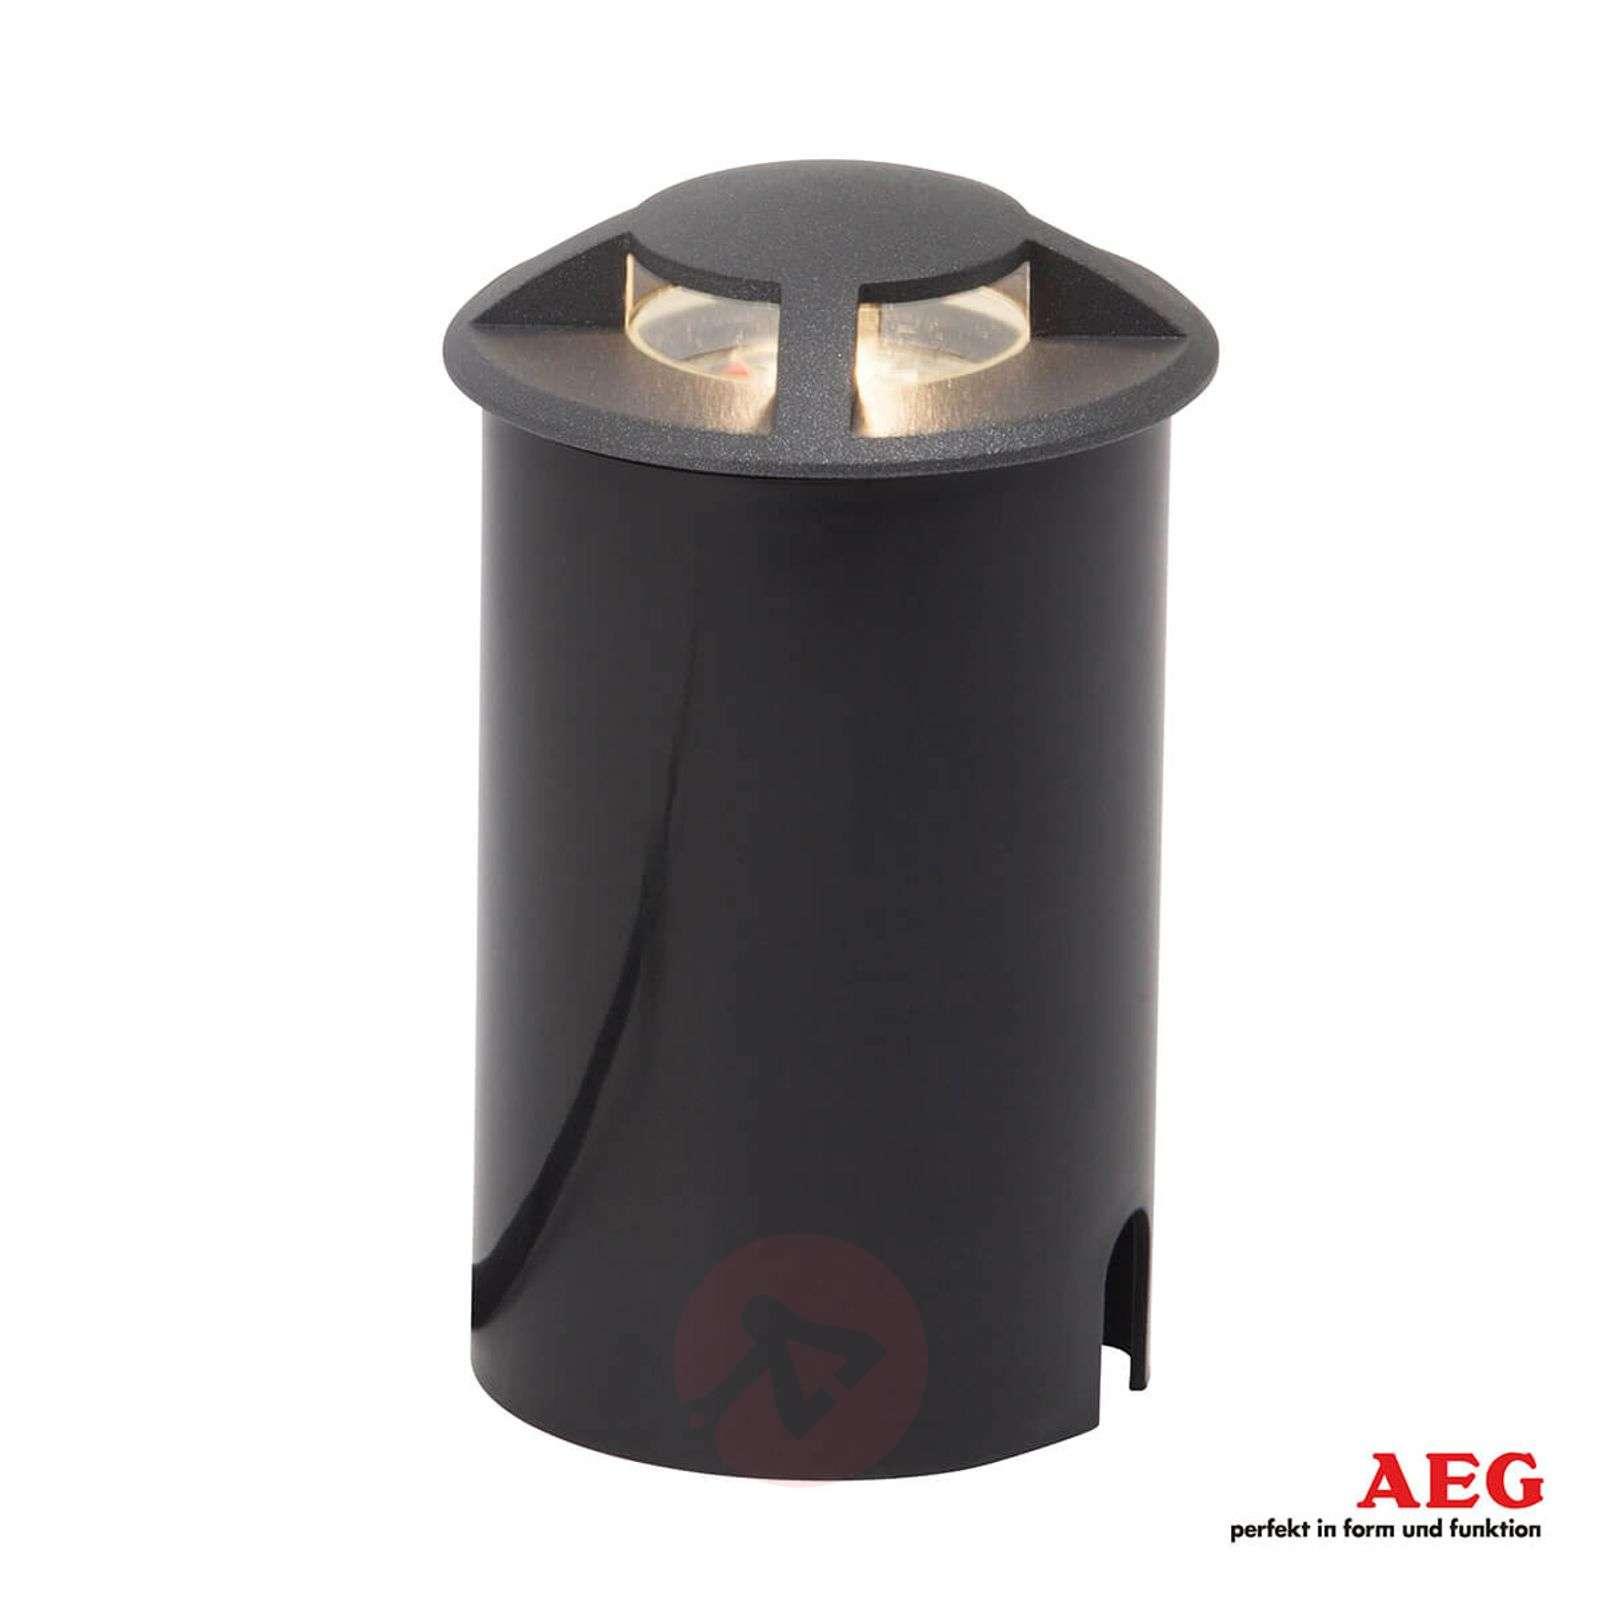 Neljälle sivulle valaiseva LED-maaspotti Tritax-3057110-01